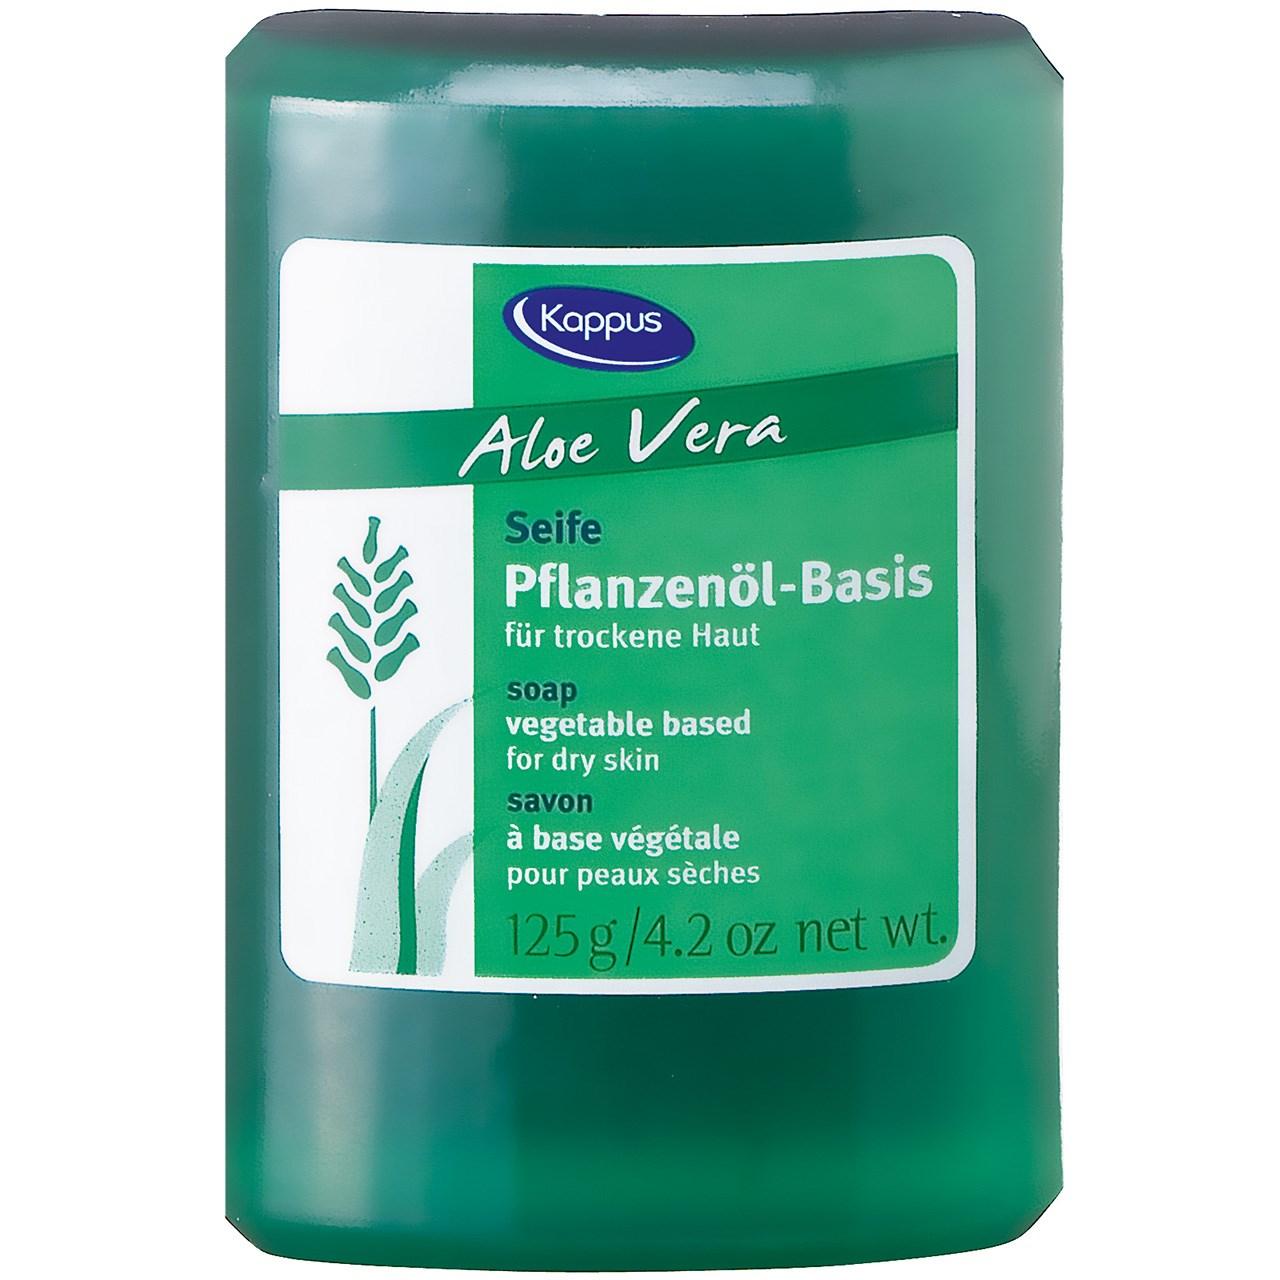 قیمت صابون کاپوس مدل Aloe Vera مقدار 125 گرم